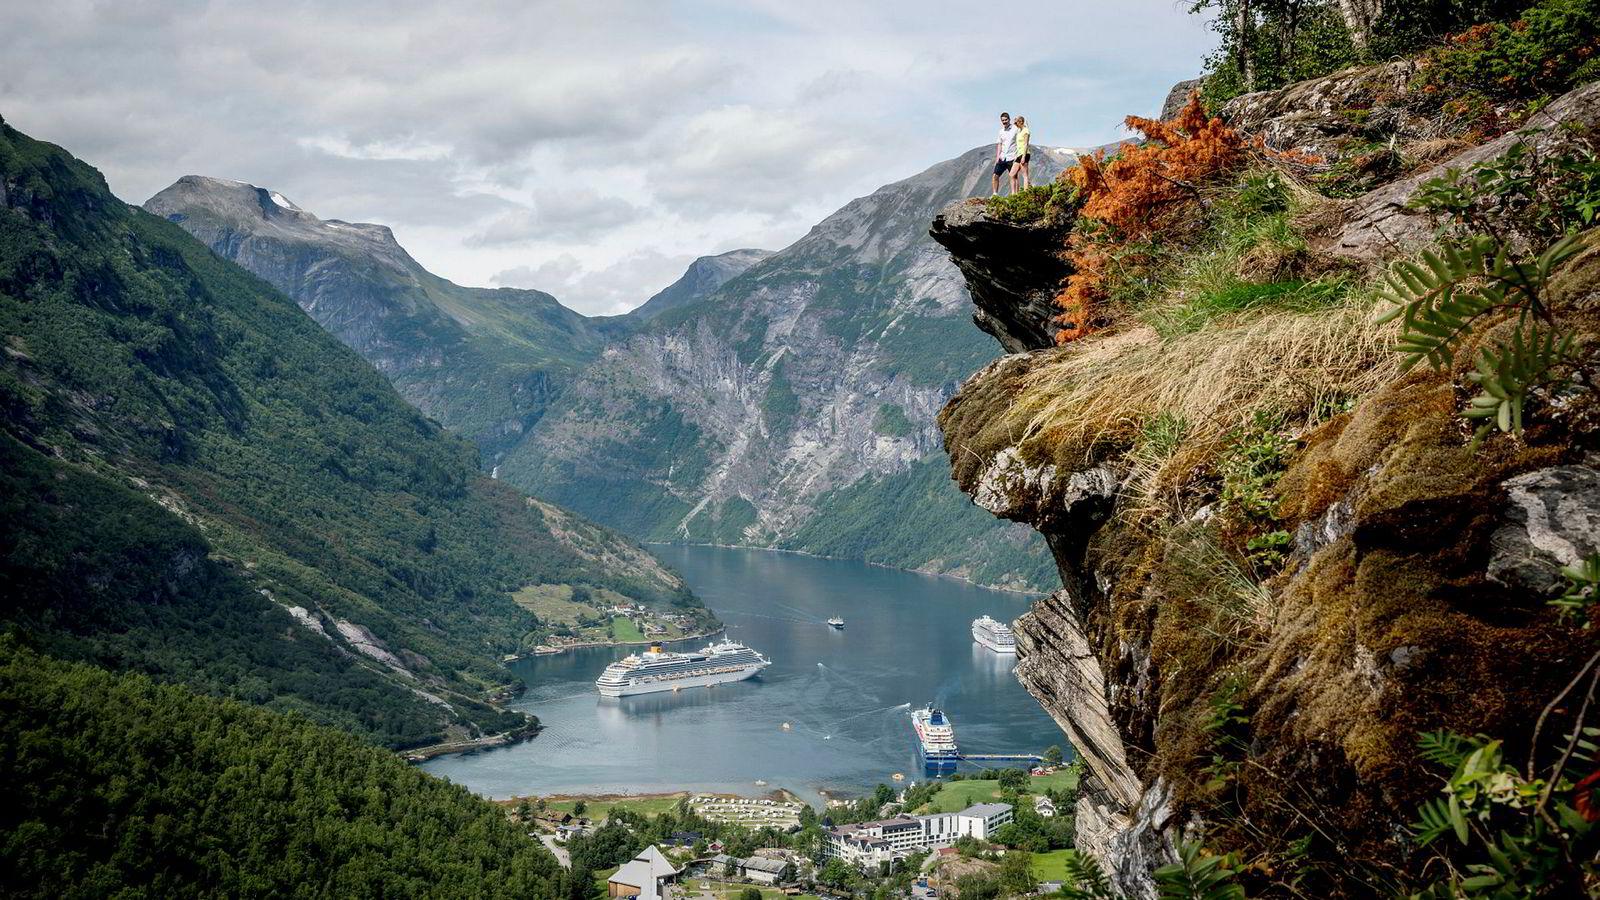 Turistene Emil Sæther (22) og Nive Synnøve Sæther (24) fra Rindal i Norge nøt utsikten over Geirangerfjorden i fjor sommer. Dette var en av de «fulle» cruisedagene i vestlandsbygda.